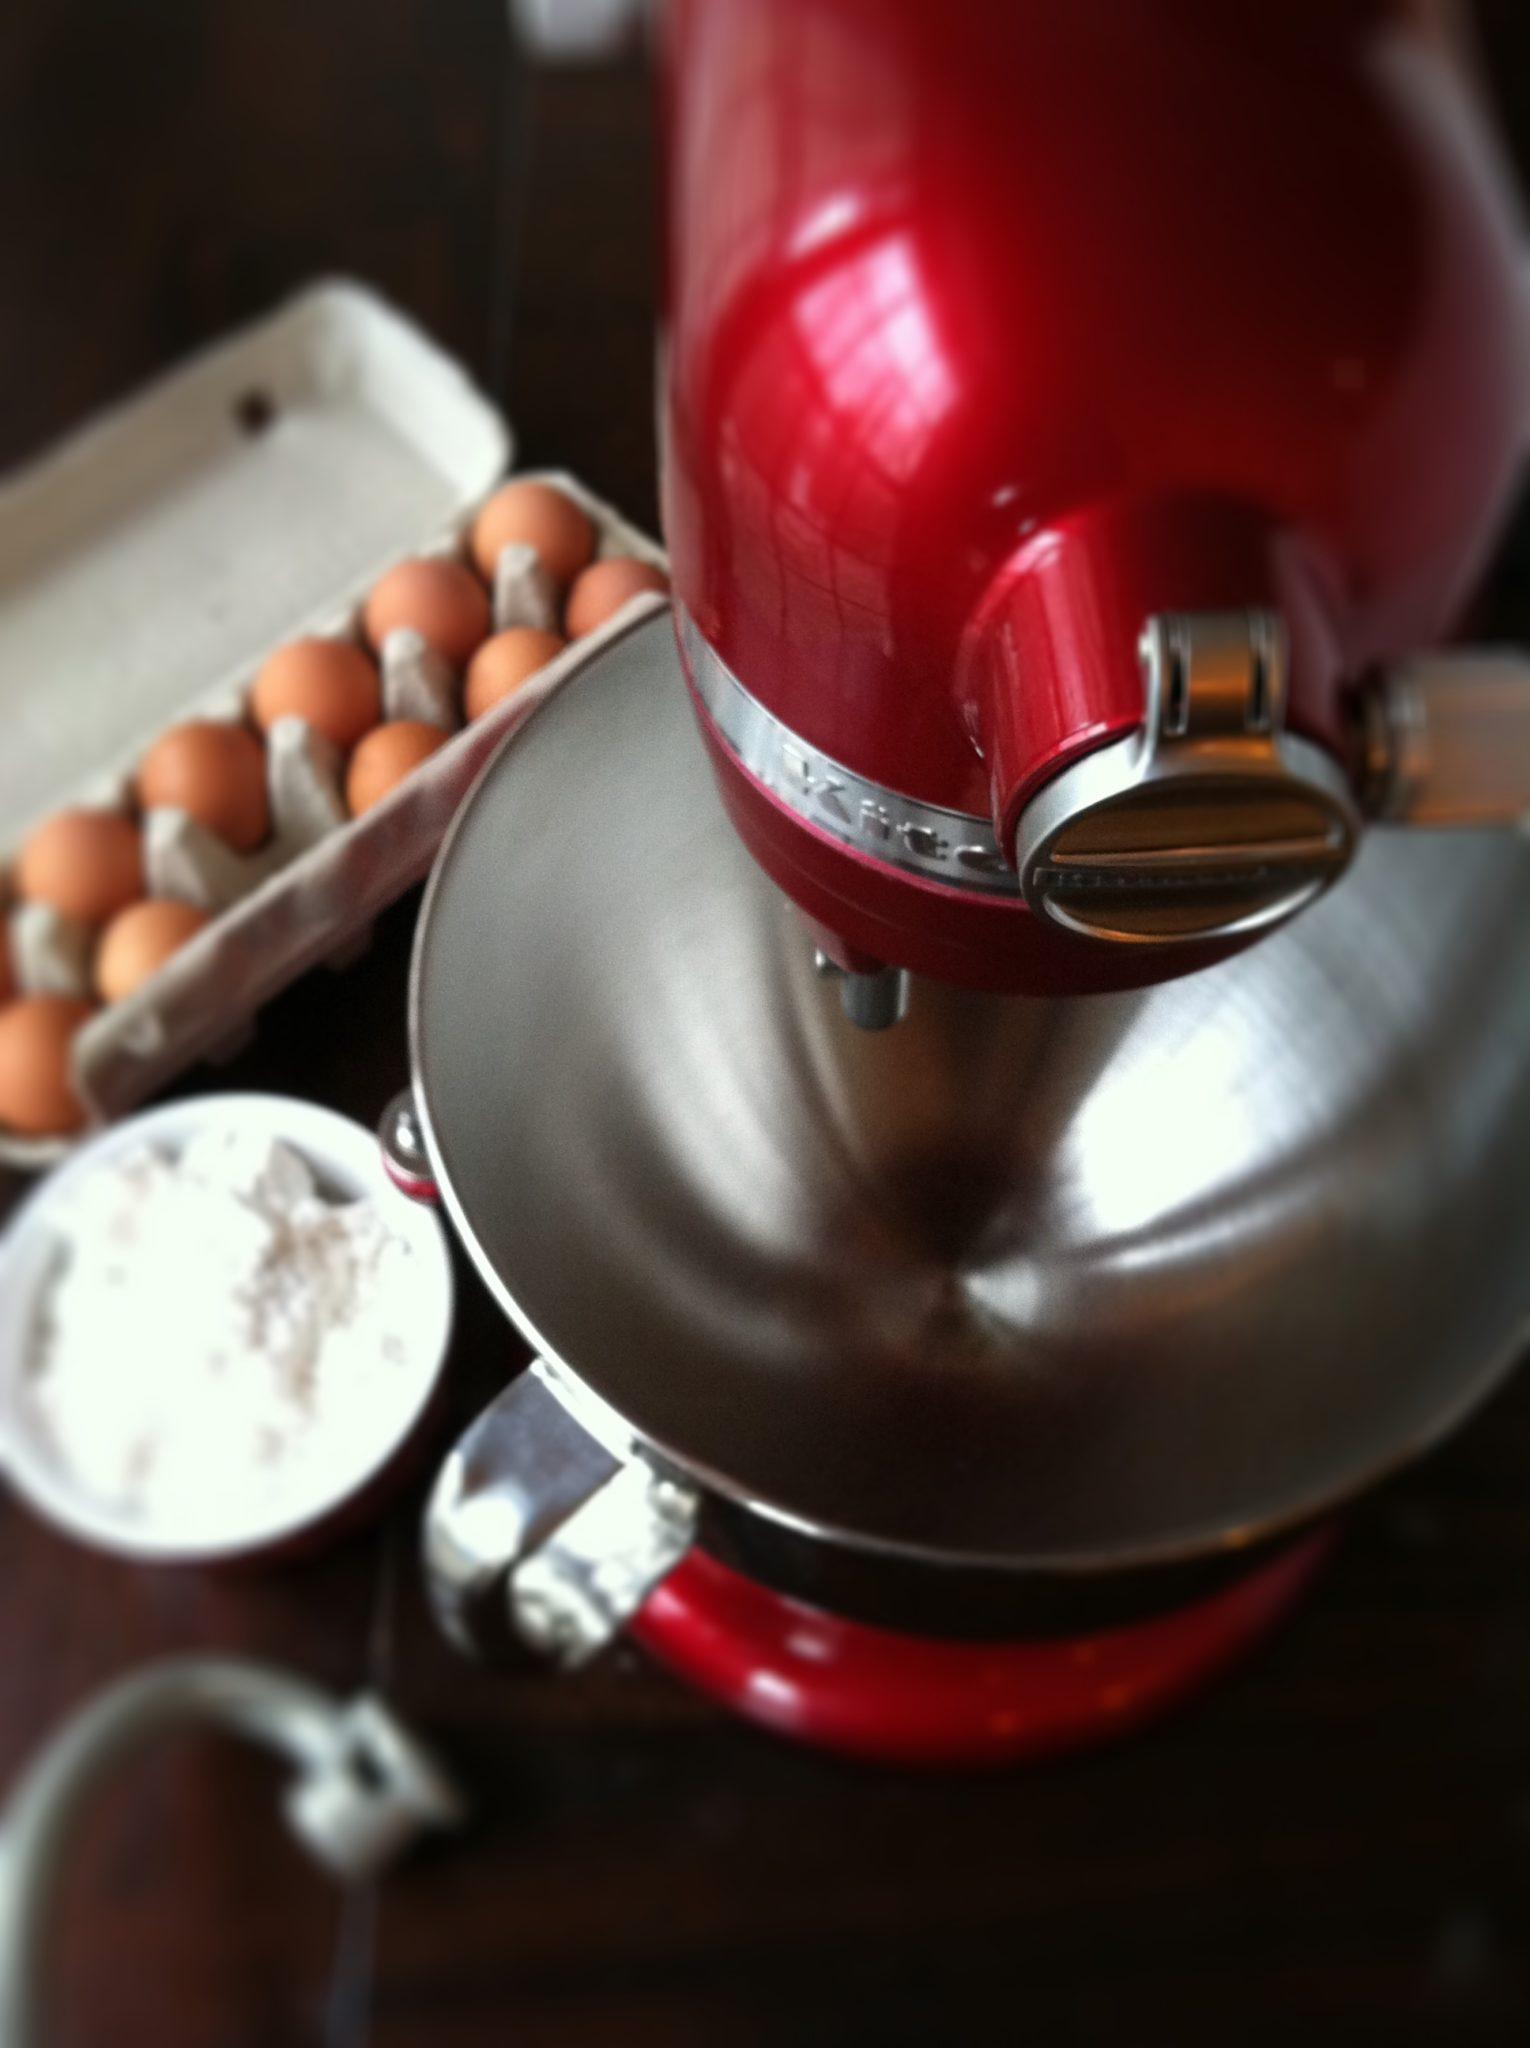 deliciouscake site:aimoo.com 5  I ...